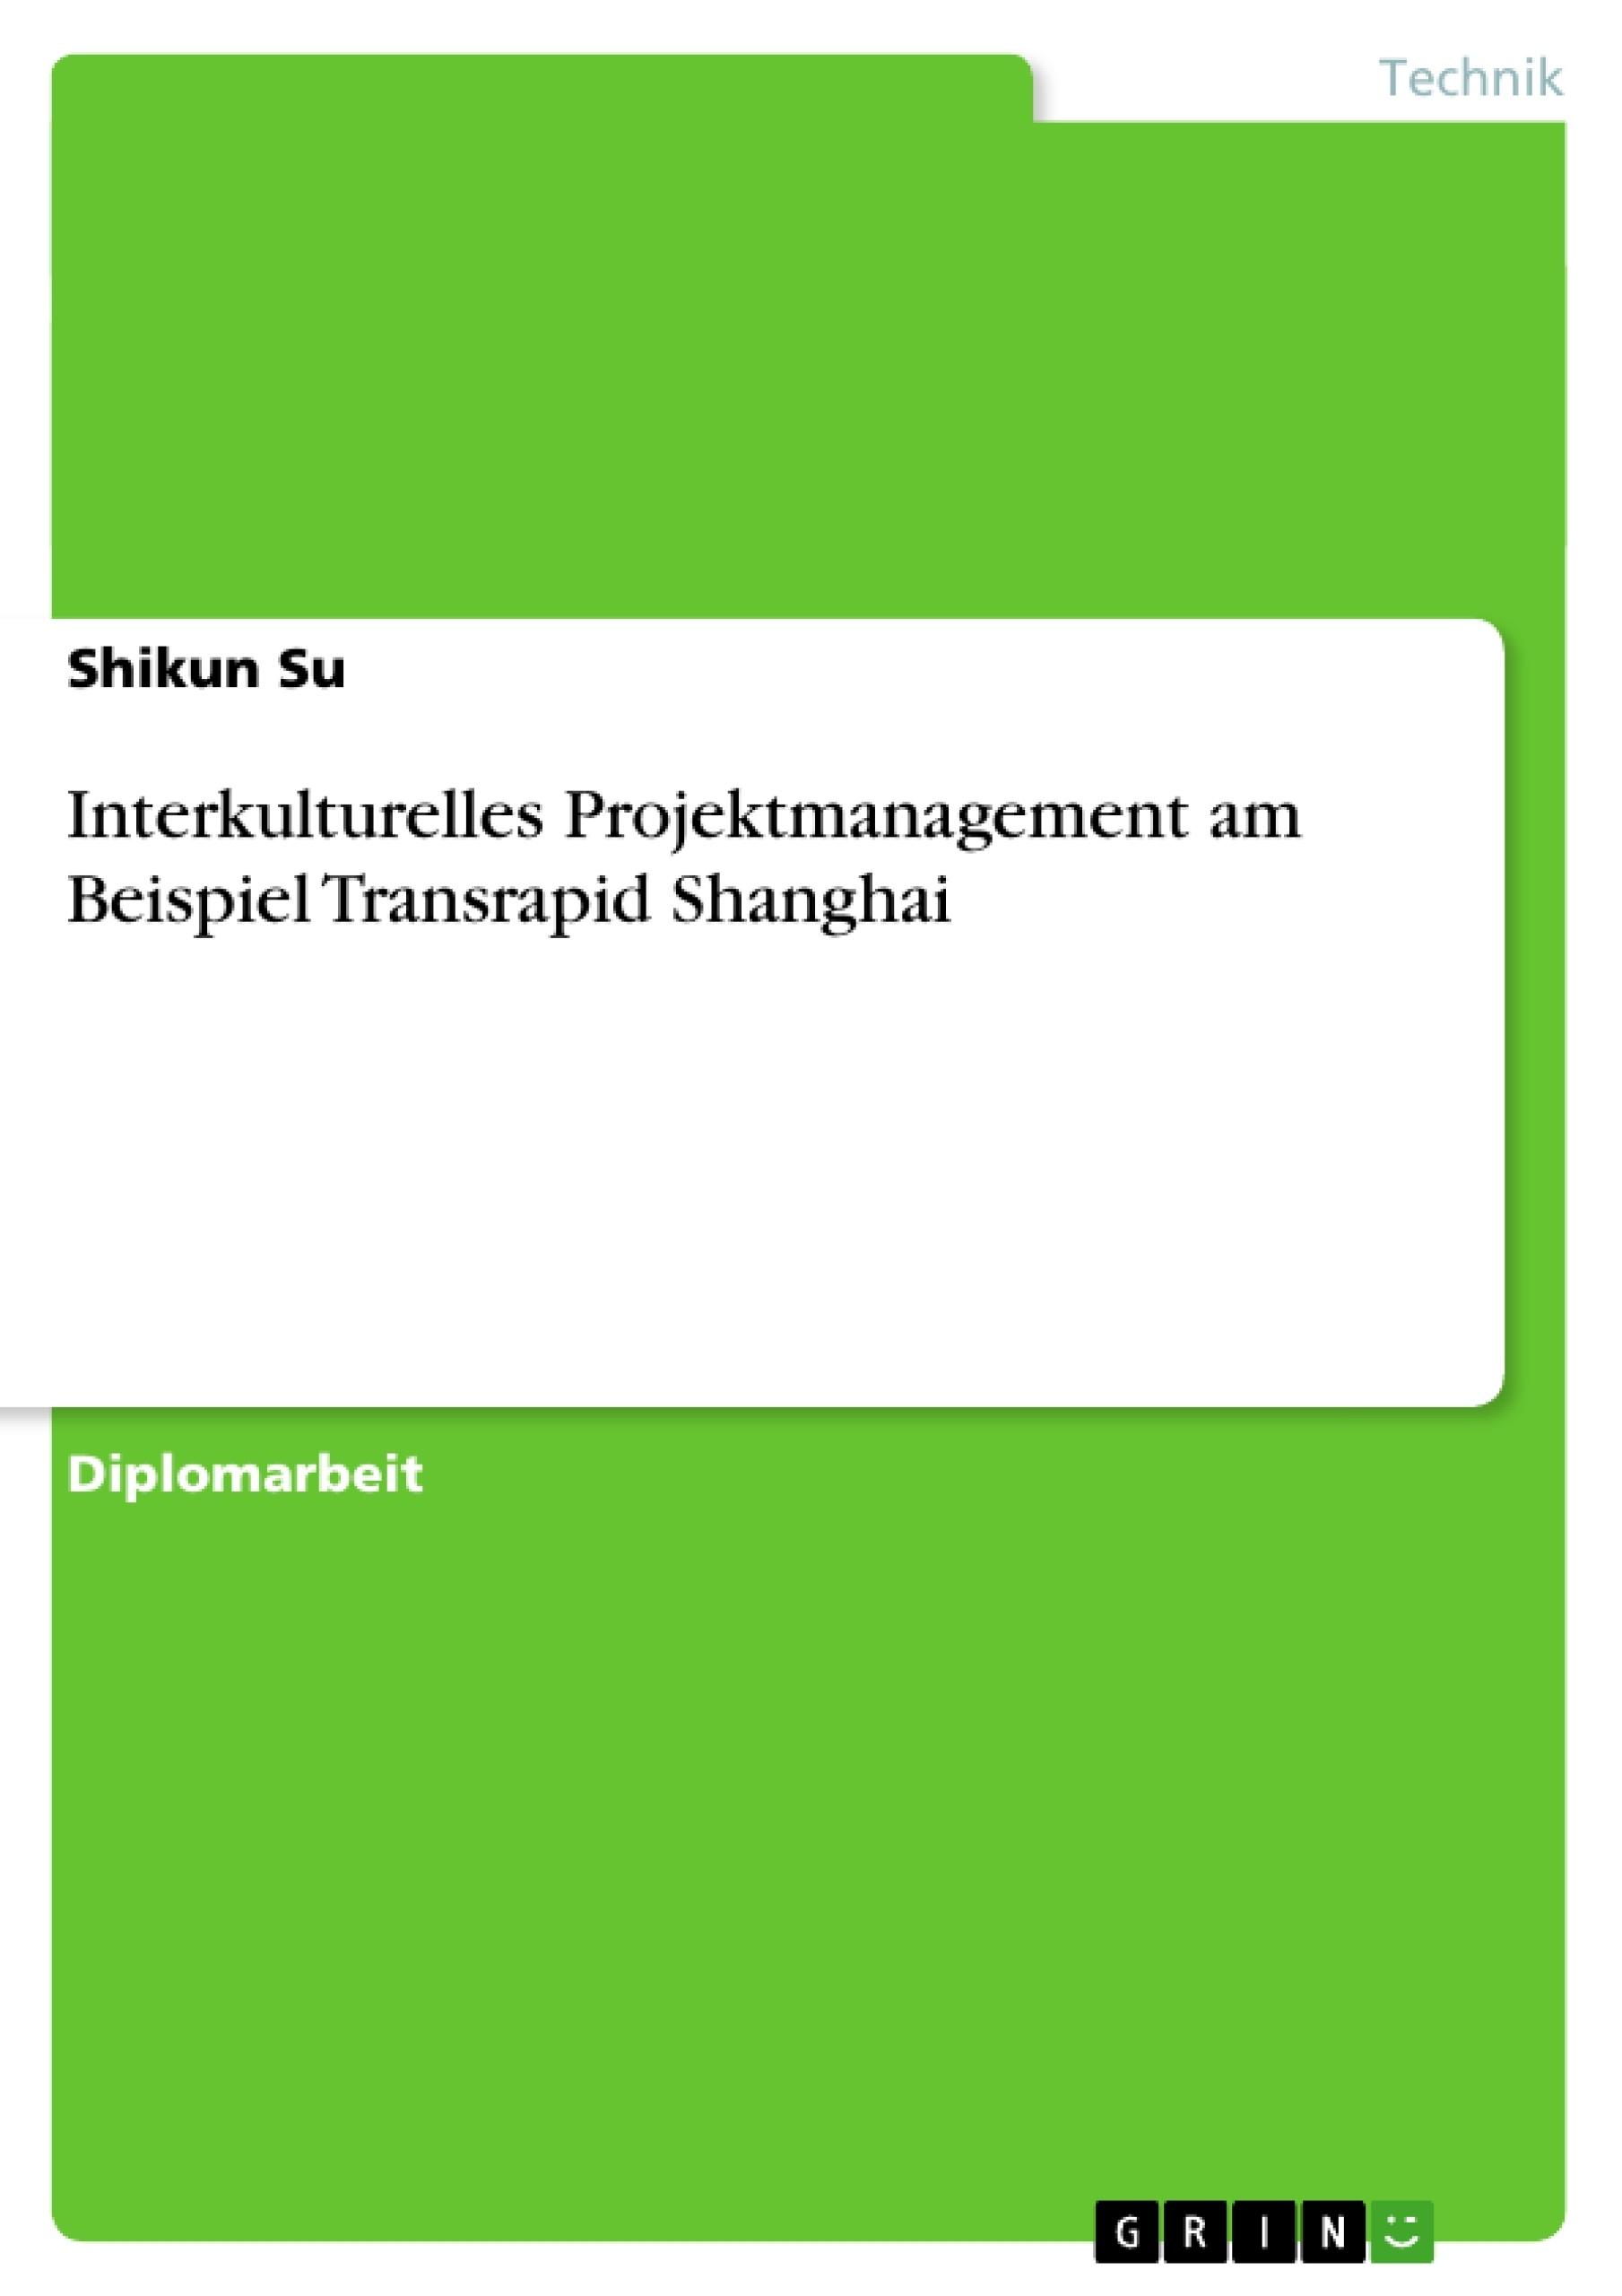 Titel: Interkulturelles Projektmanagement am Beispiel Transrapid Shanghai